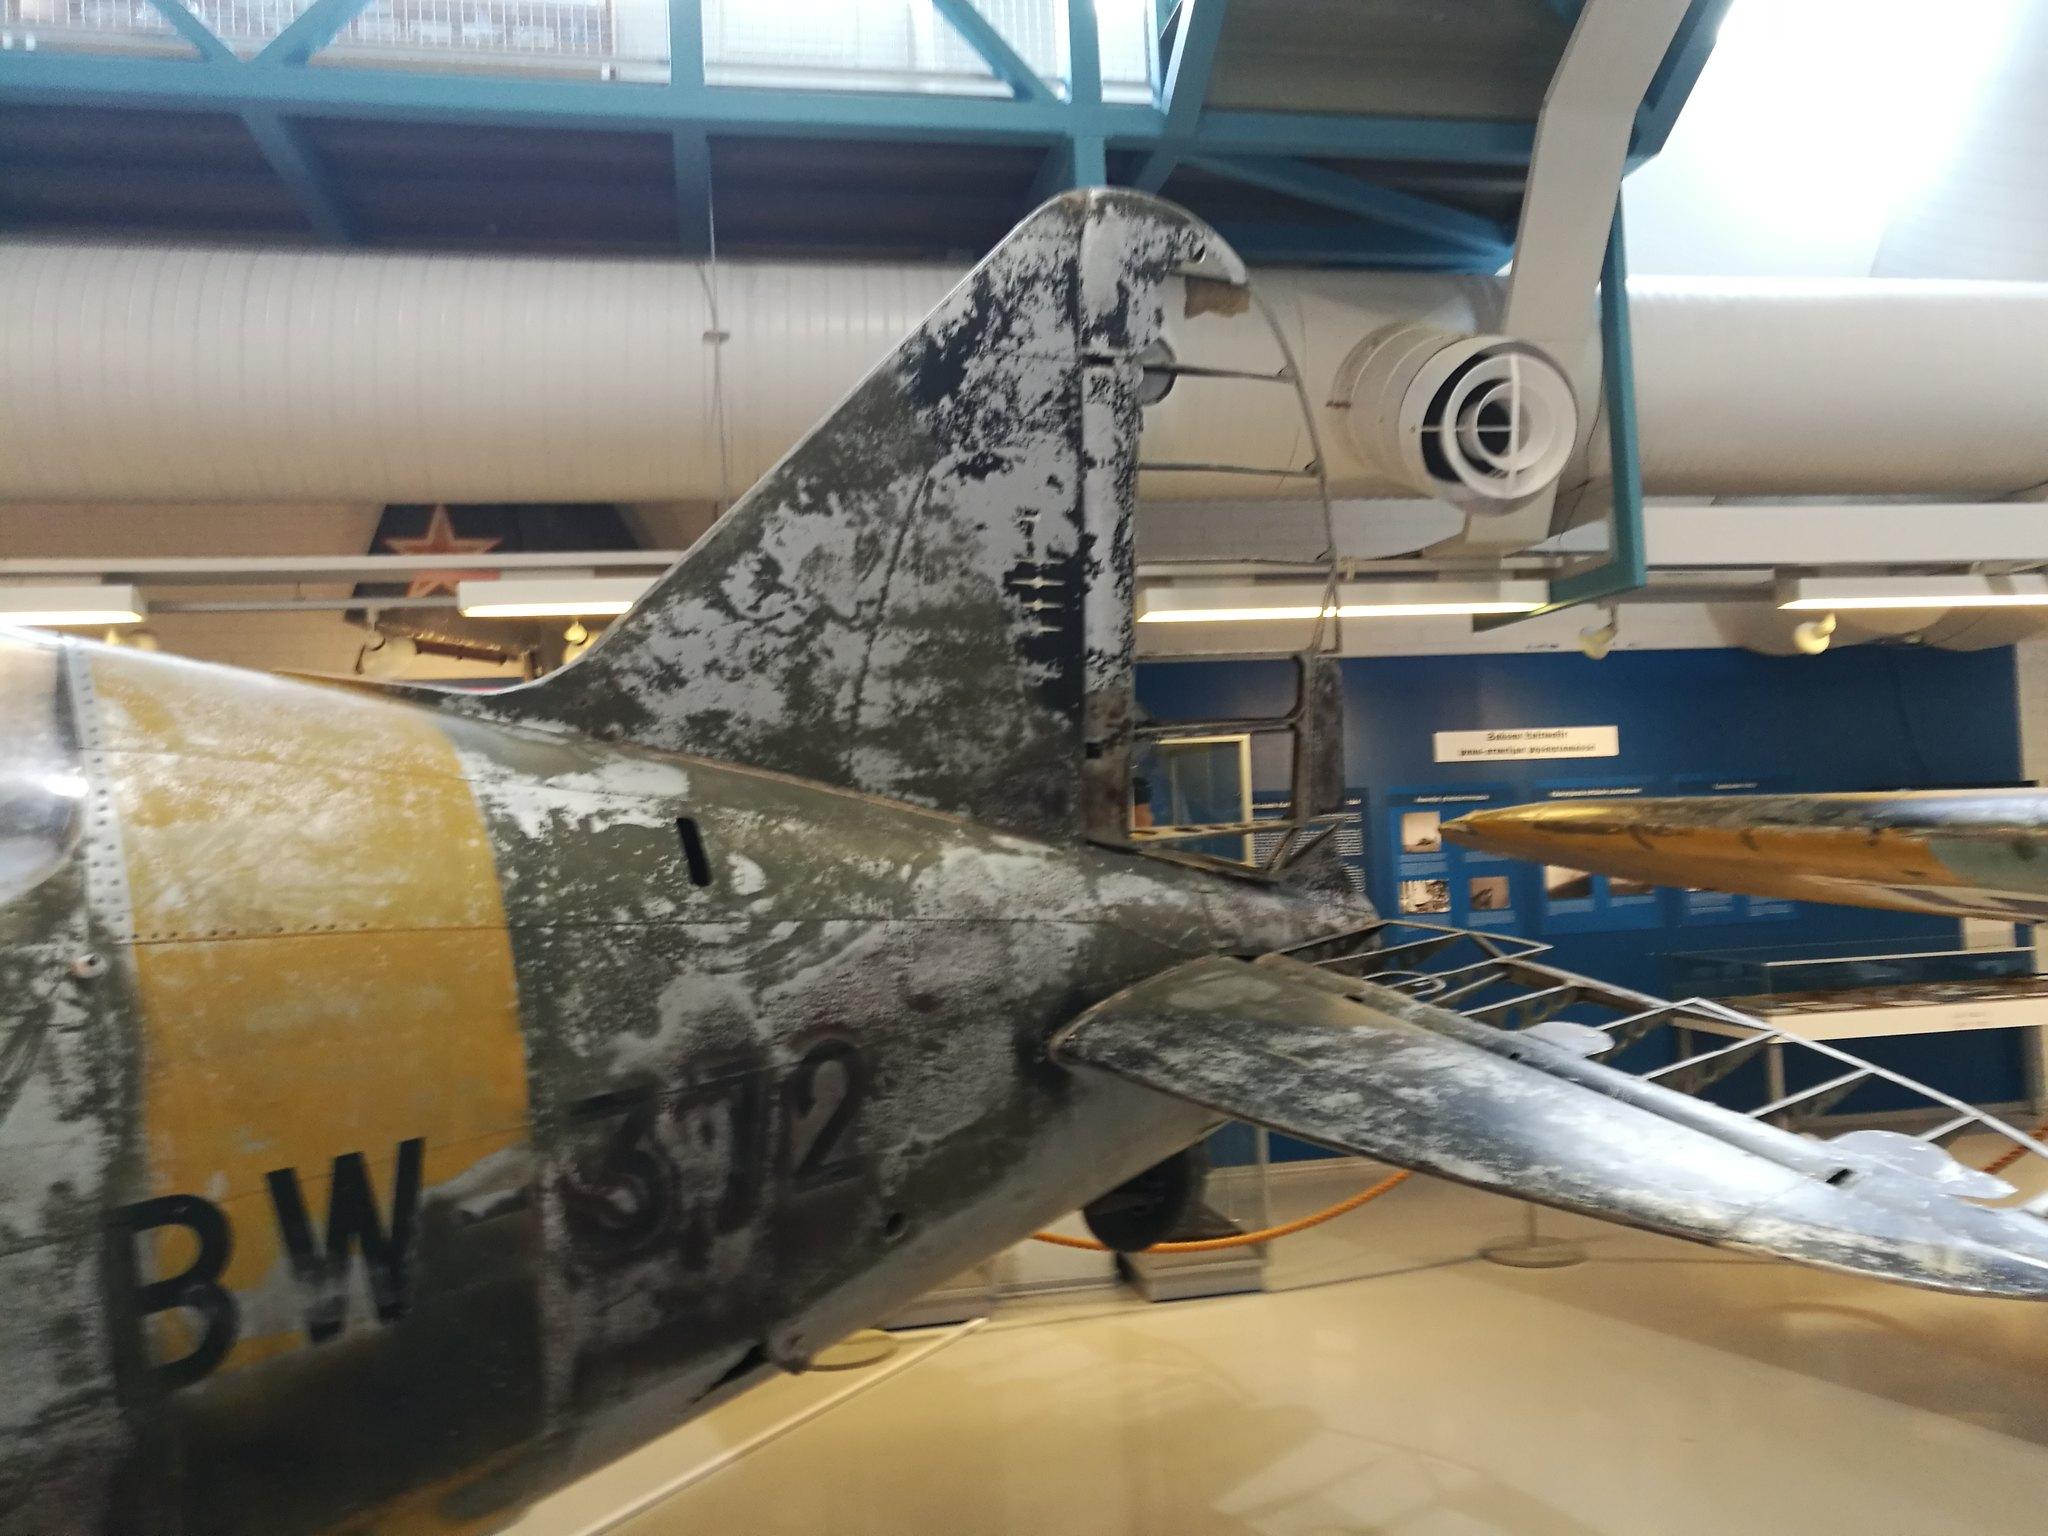 Hemkommen från semester i Finland med utflykt till Finlands Flygvapenmuseum. 48293068492_361a652c7d_k